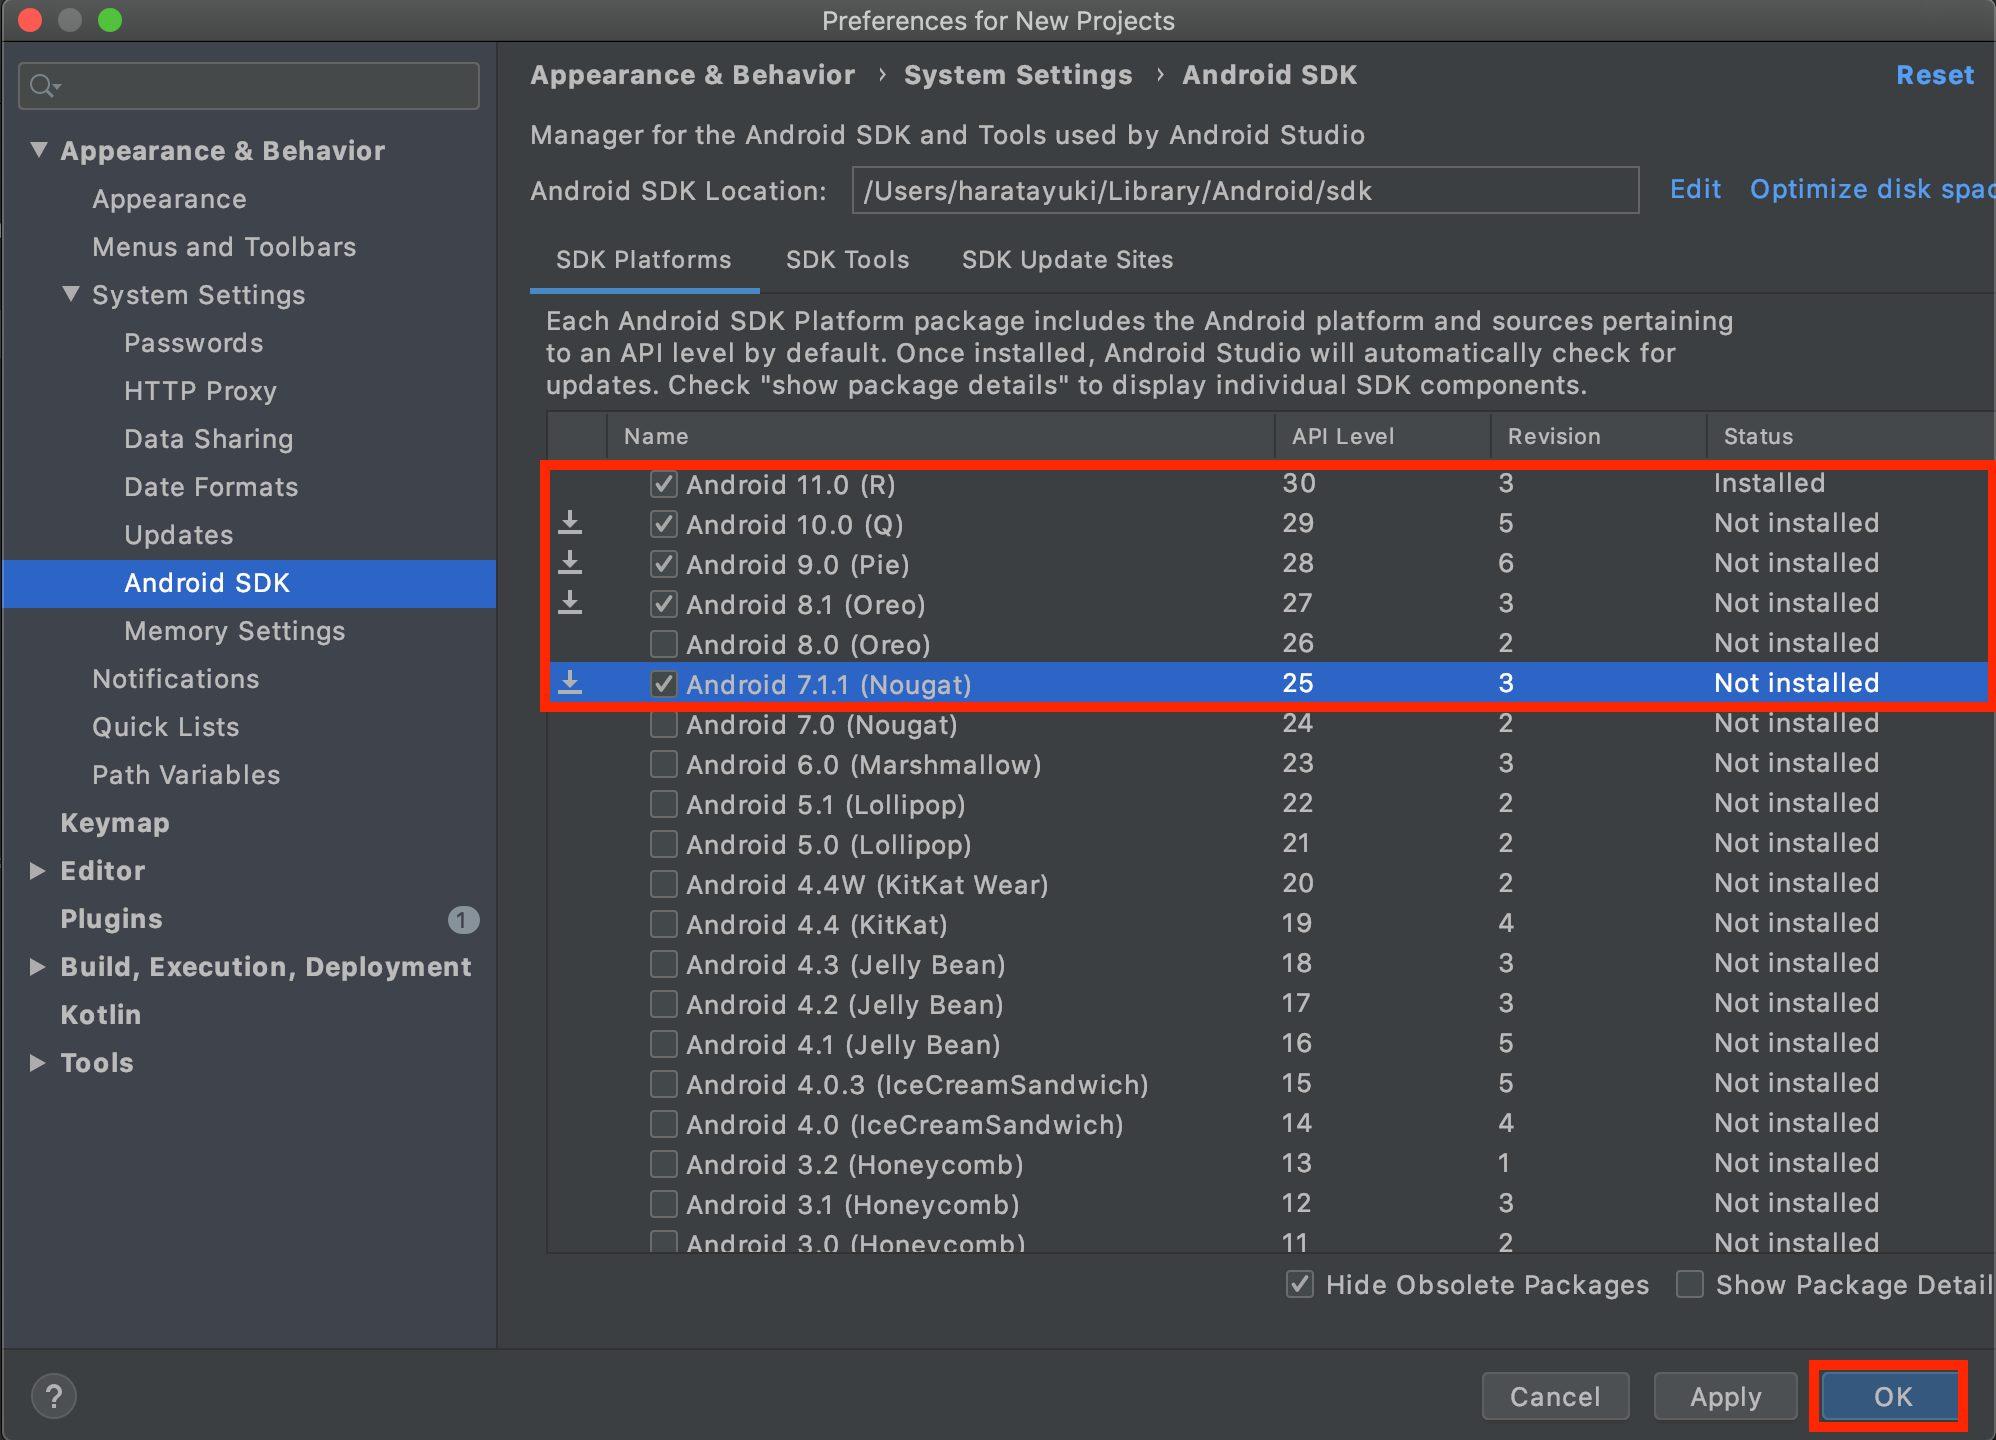 ダウンロード対象Android SDK選択画面